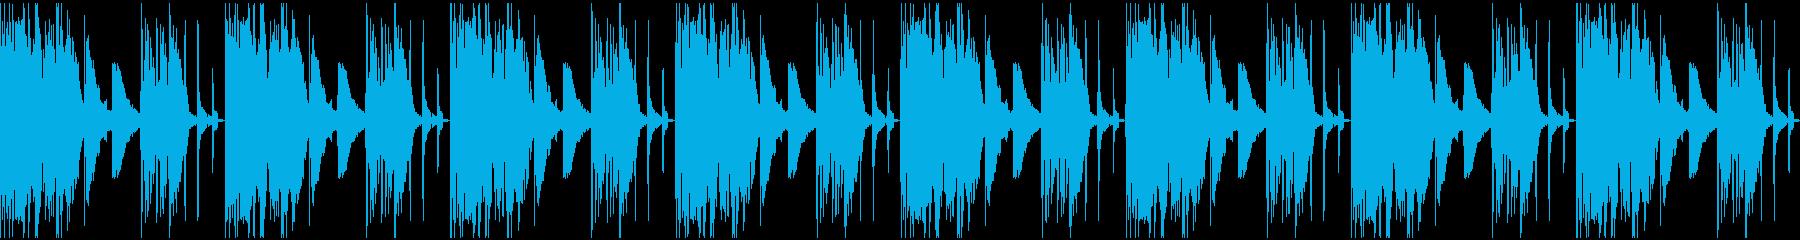 【エレクトロニカ】ロング4、ジングル1の再生済みの波形